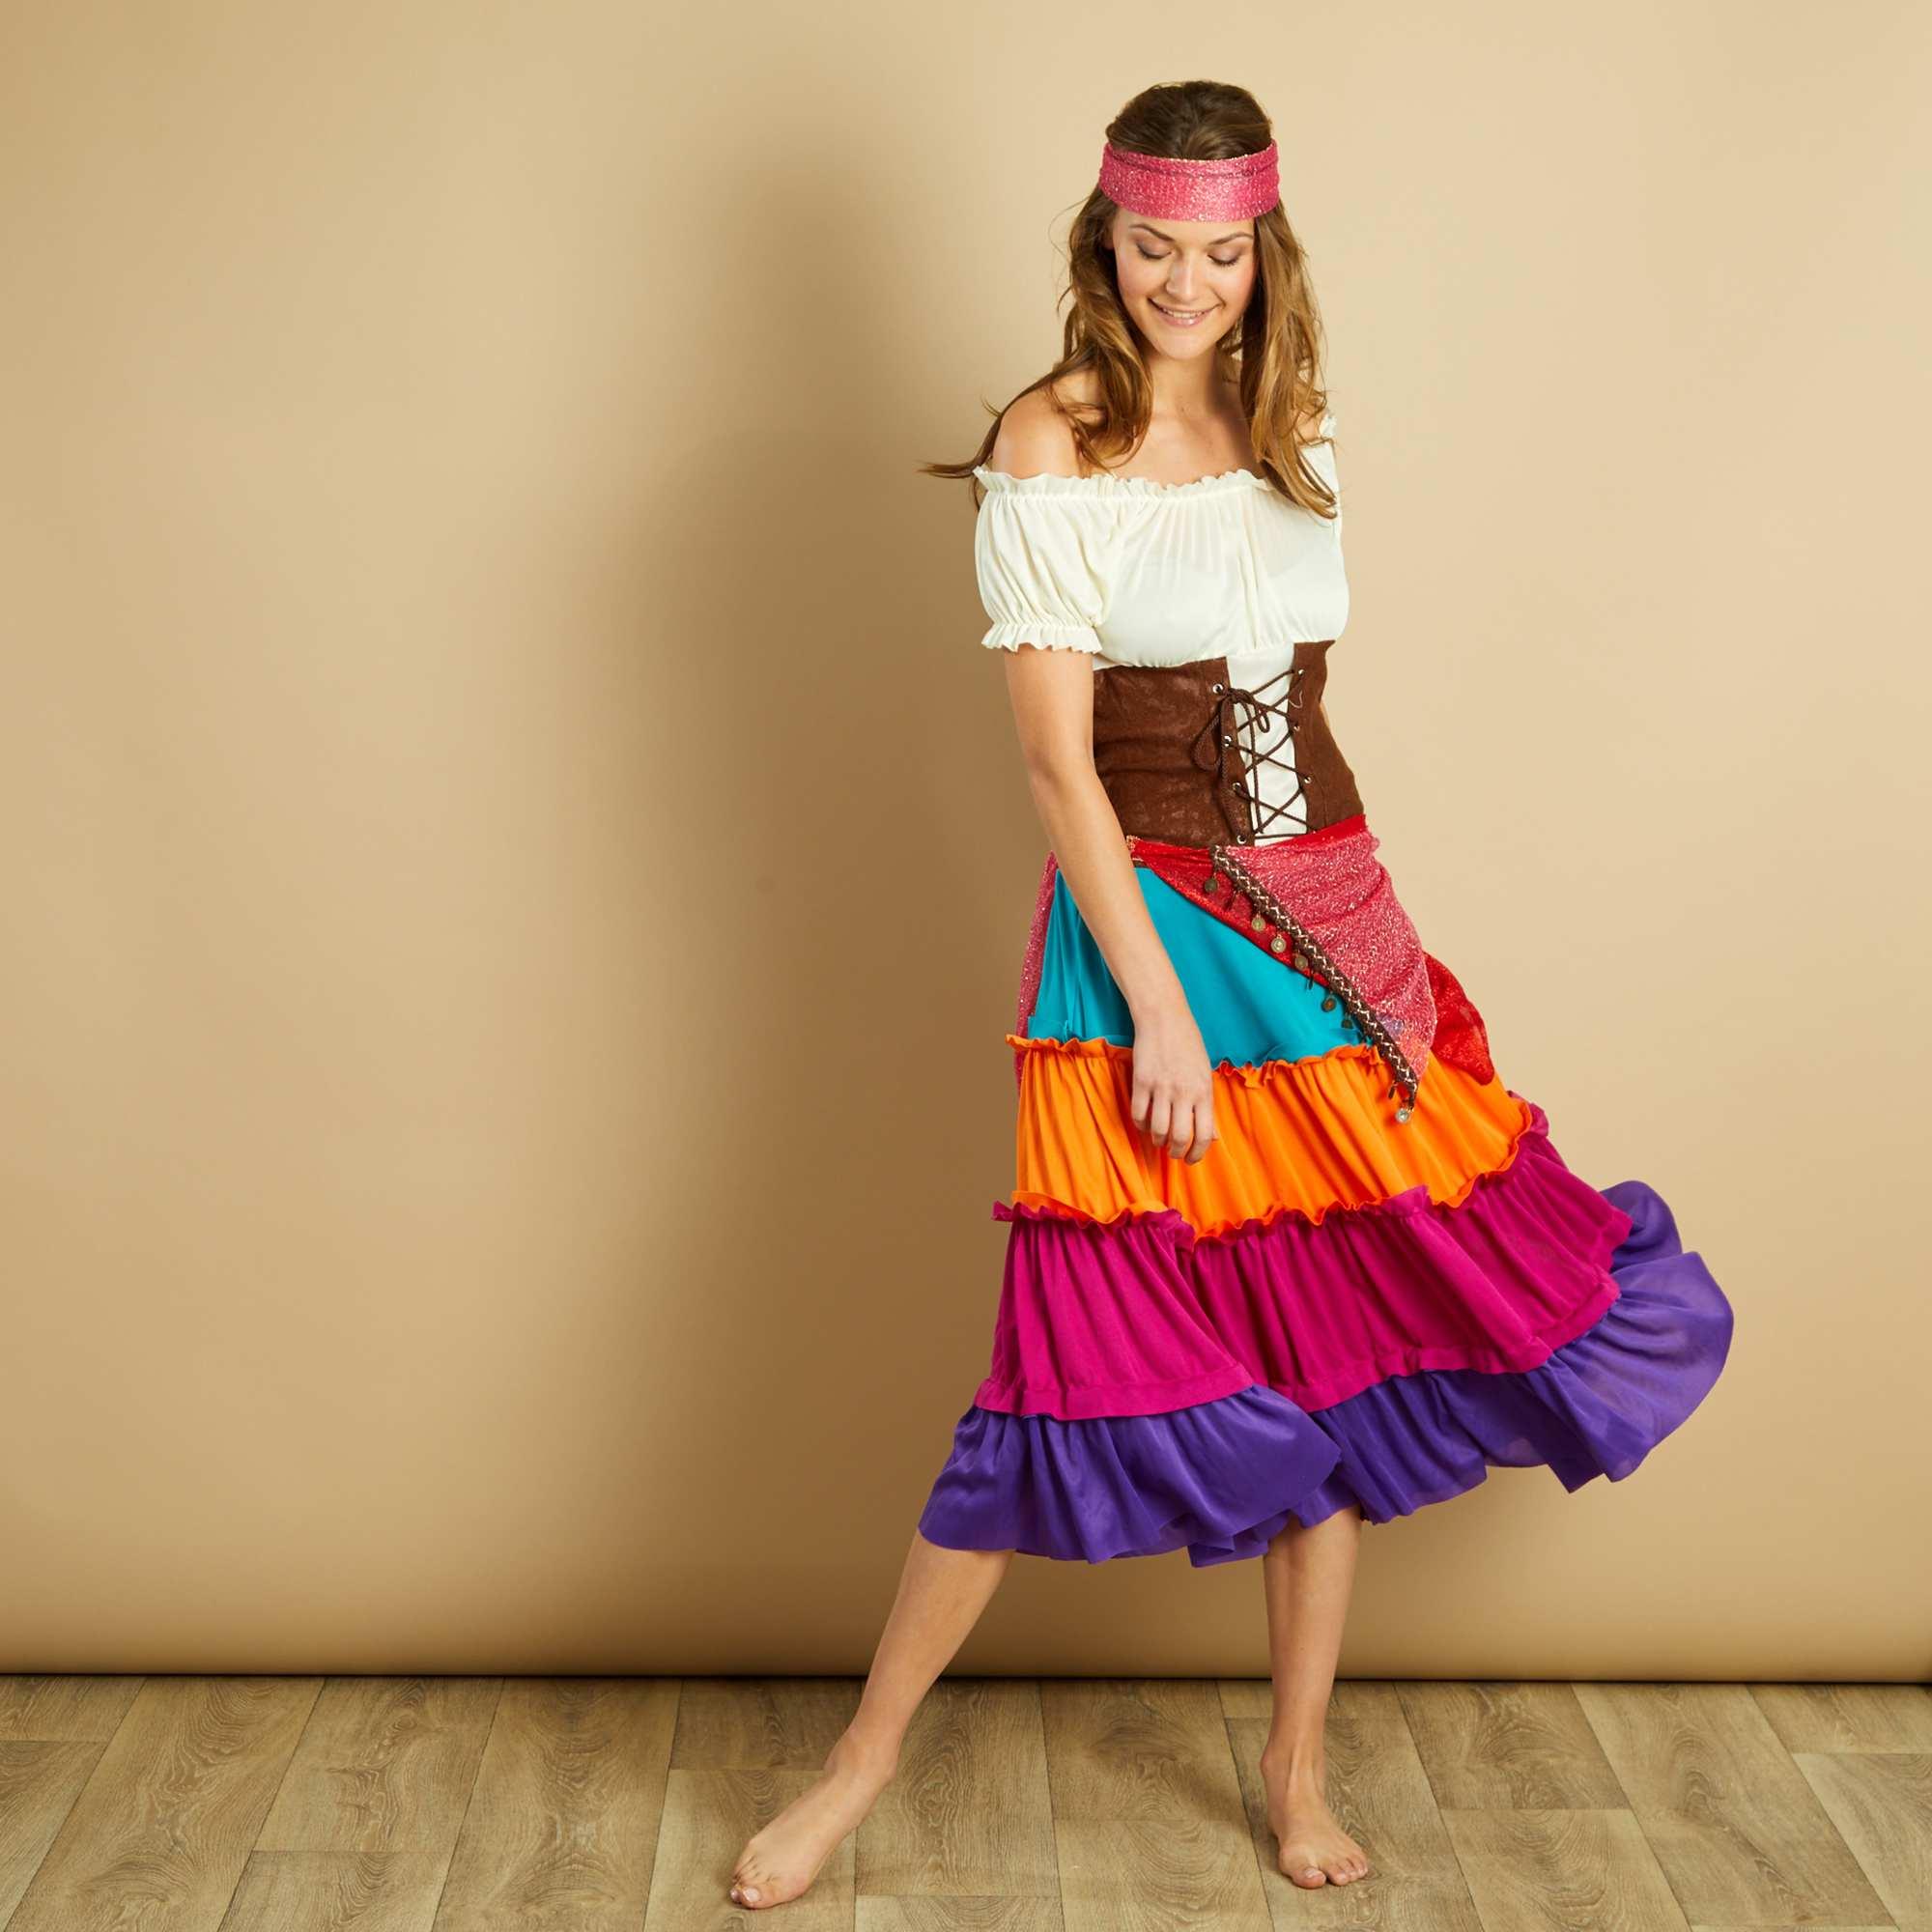 789013b27 Disfraces Disfrazzes · Tienda Online Especializada   Envíos en 24H